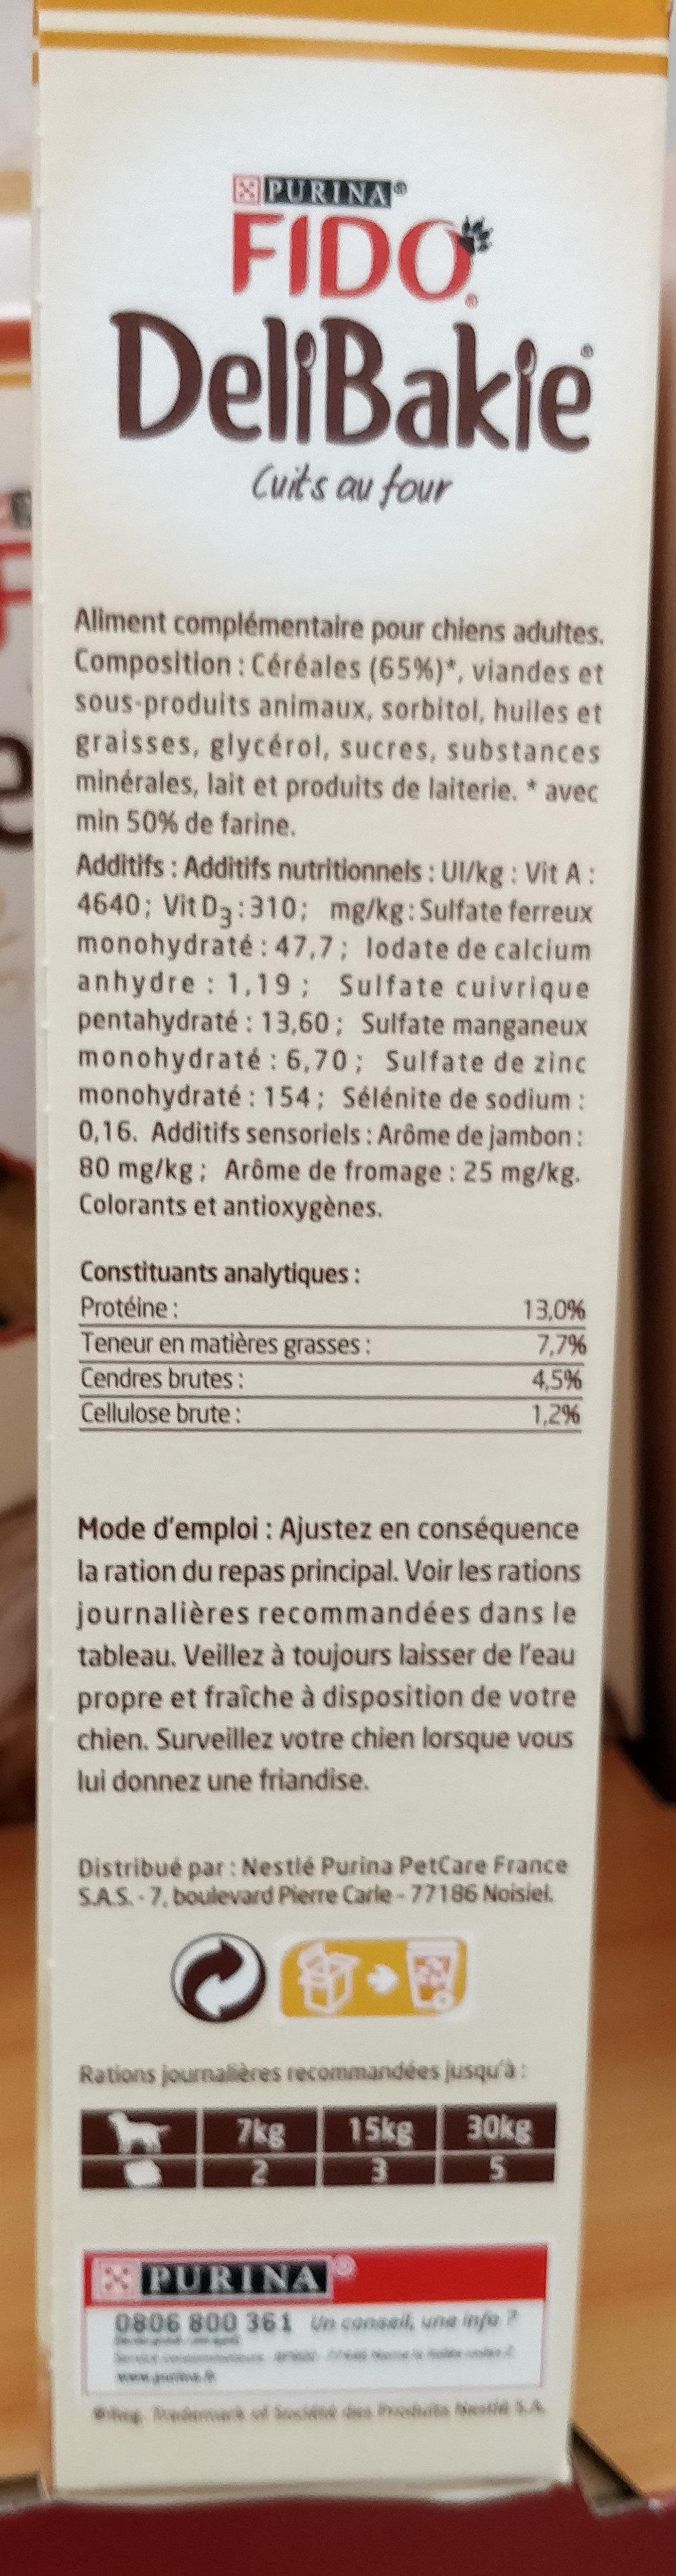 350G Delibakie Hearts Fido - Nutrition facts